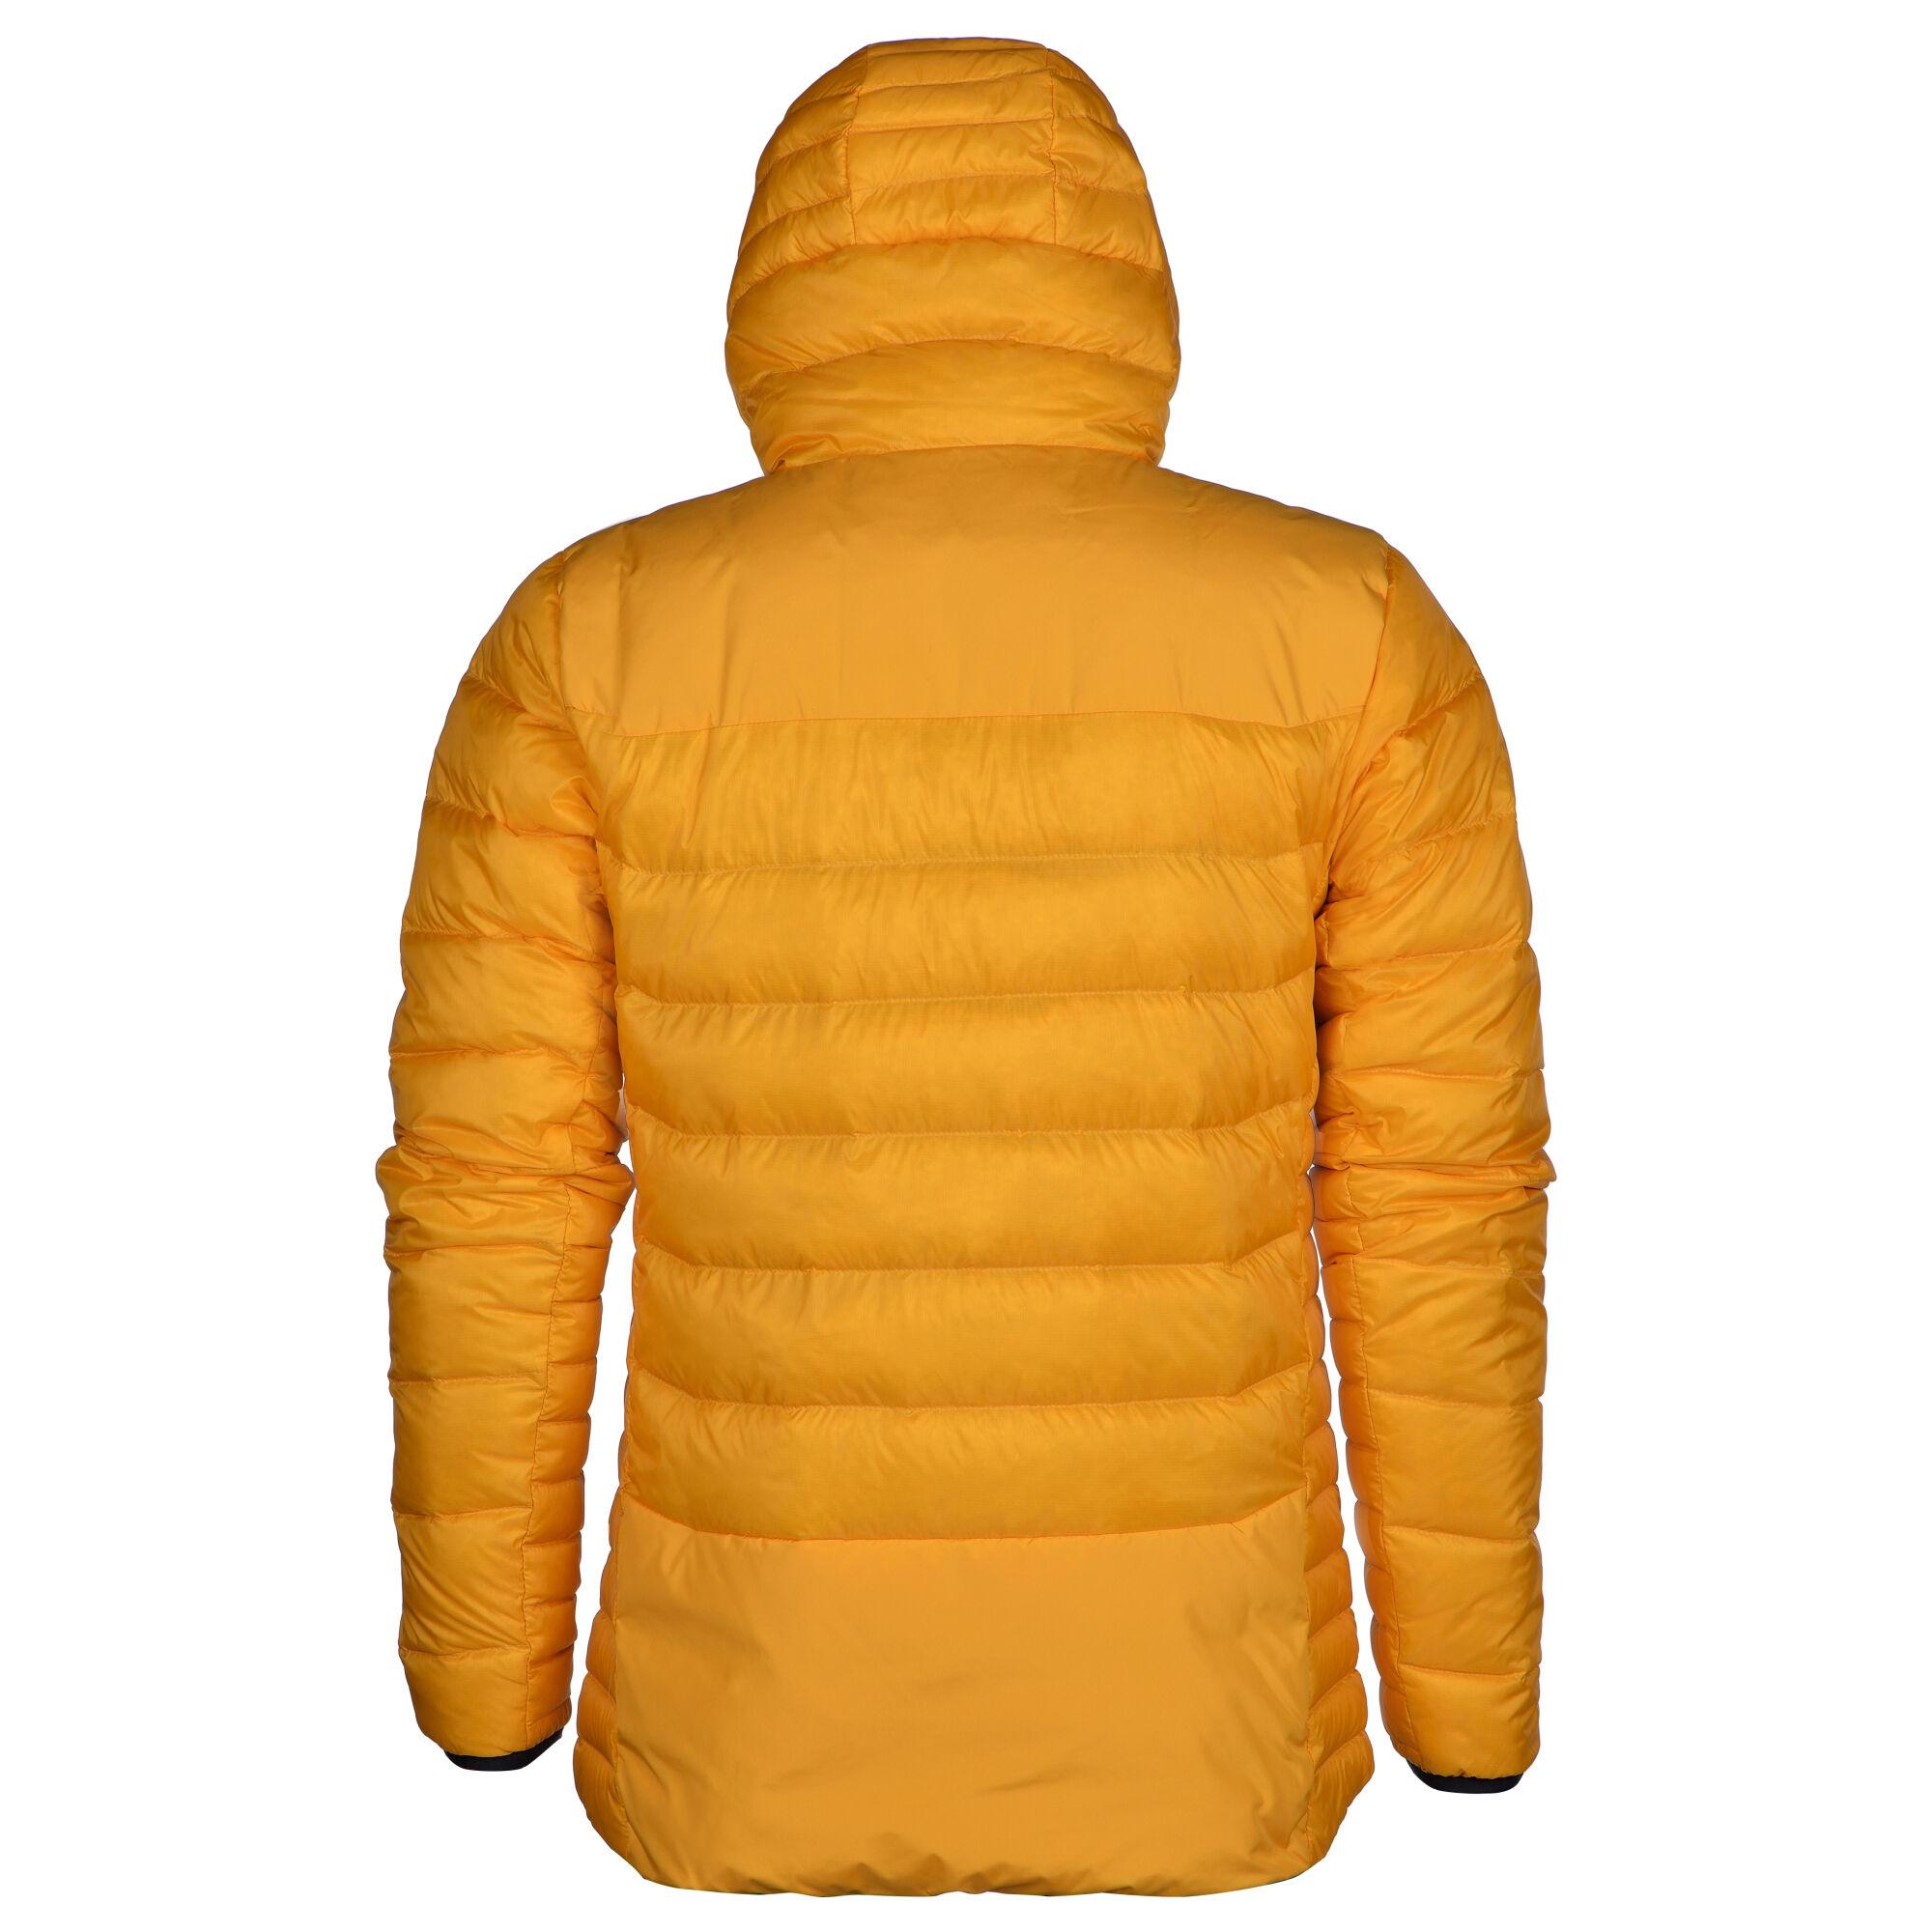 Dunjakke Herre Yellow